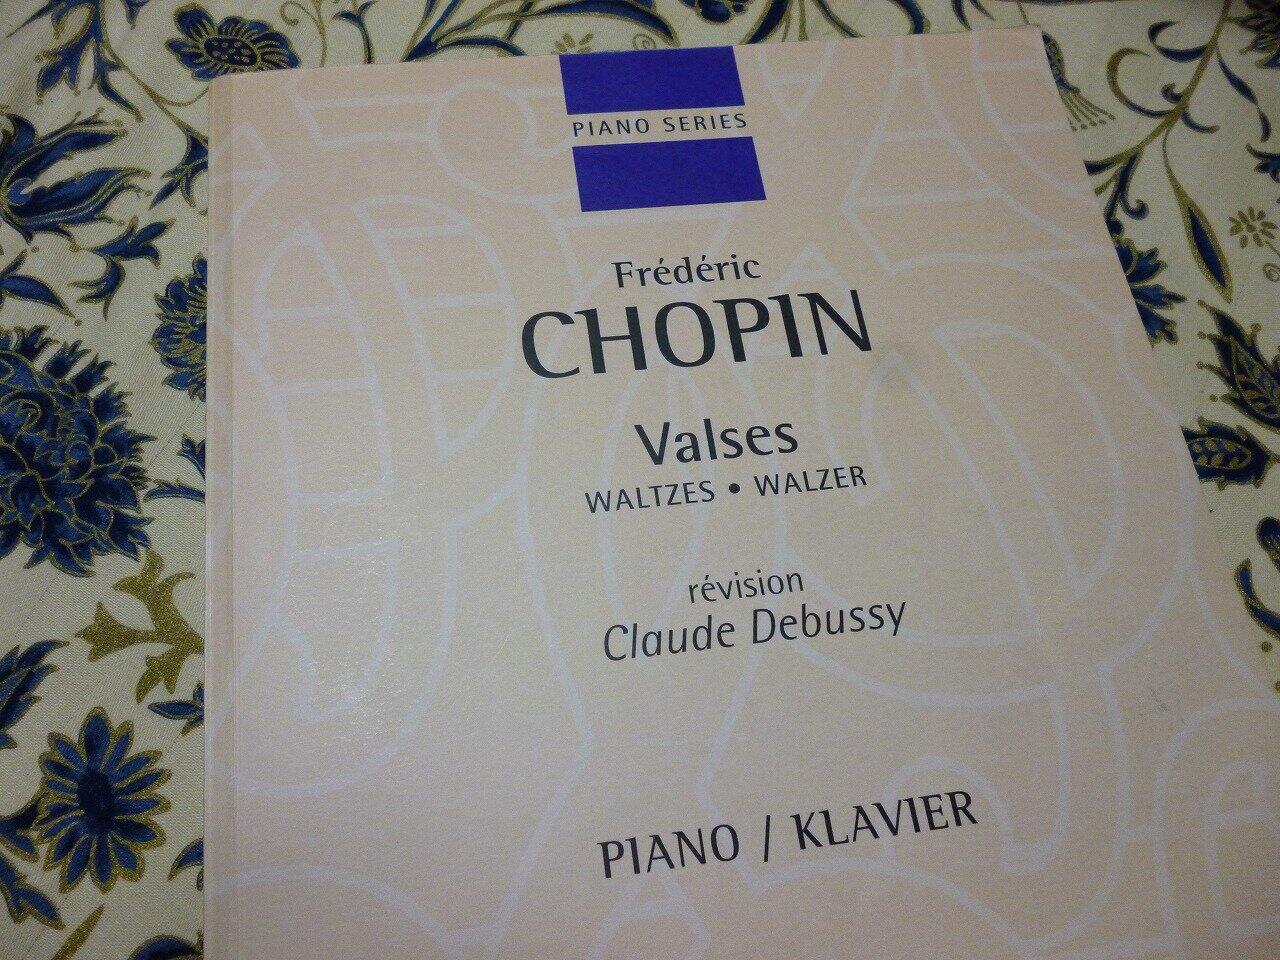 デュラン社より発売されている、ドビュッシー校訂のショパンの楽譜。紙質がお世辞にも良いとは言えなかった水色の旧版と、2005年に装丁も新たに紙質も改善されて発売された新装版